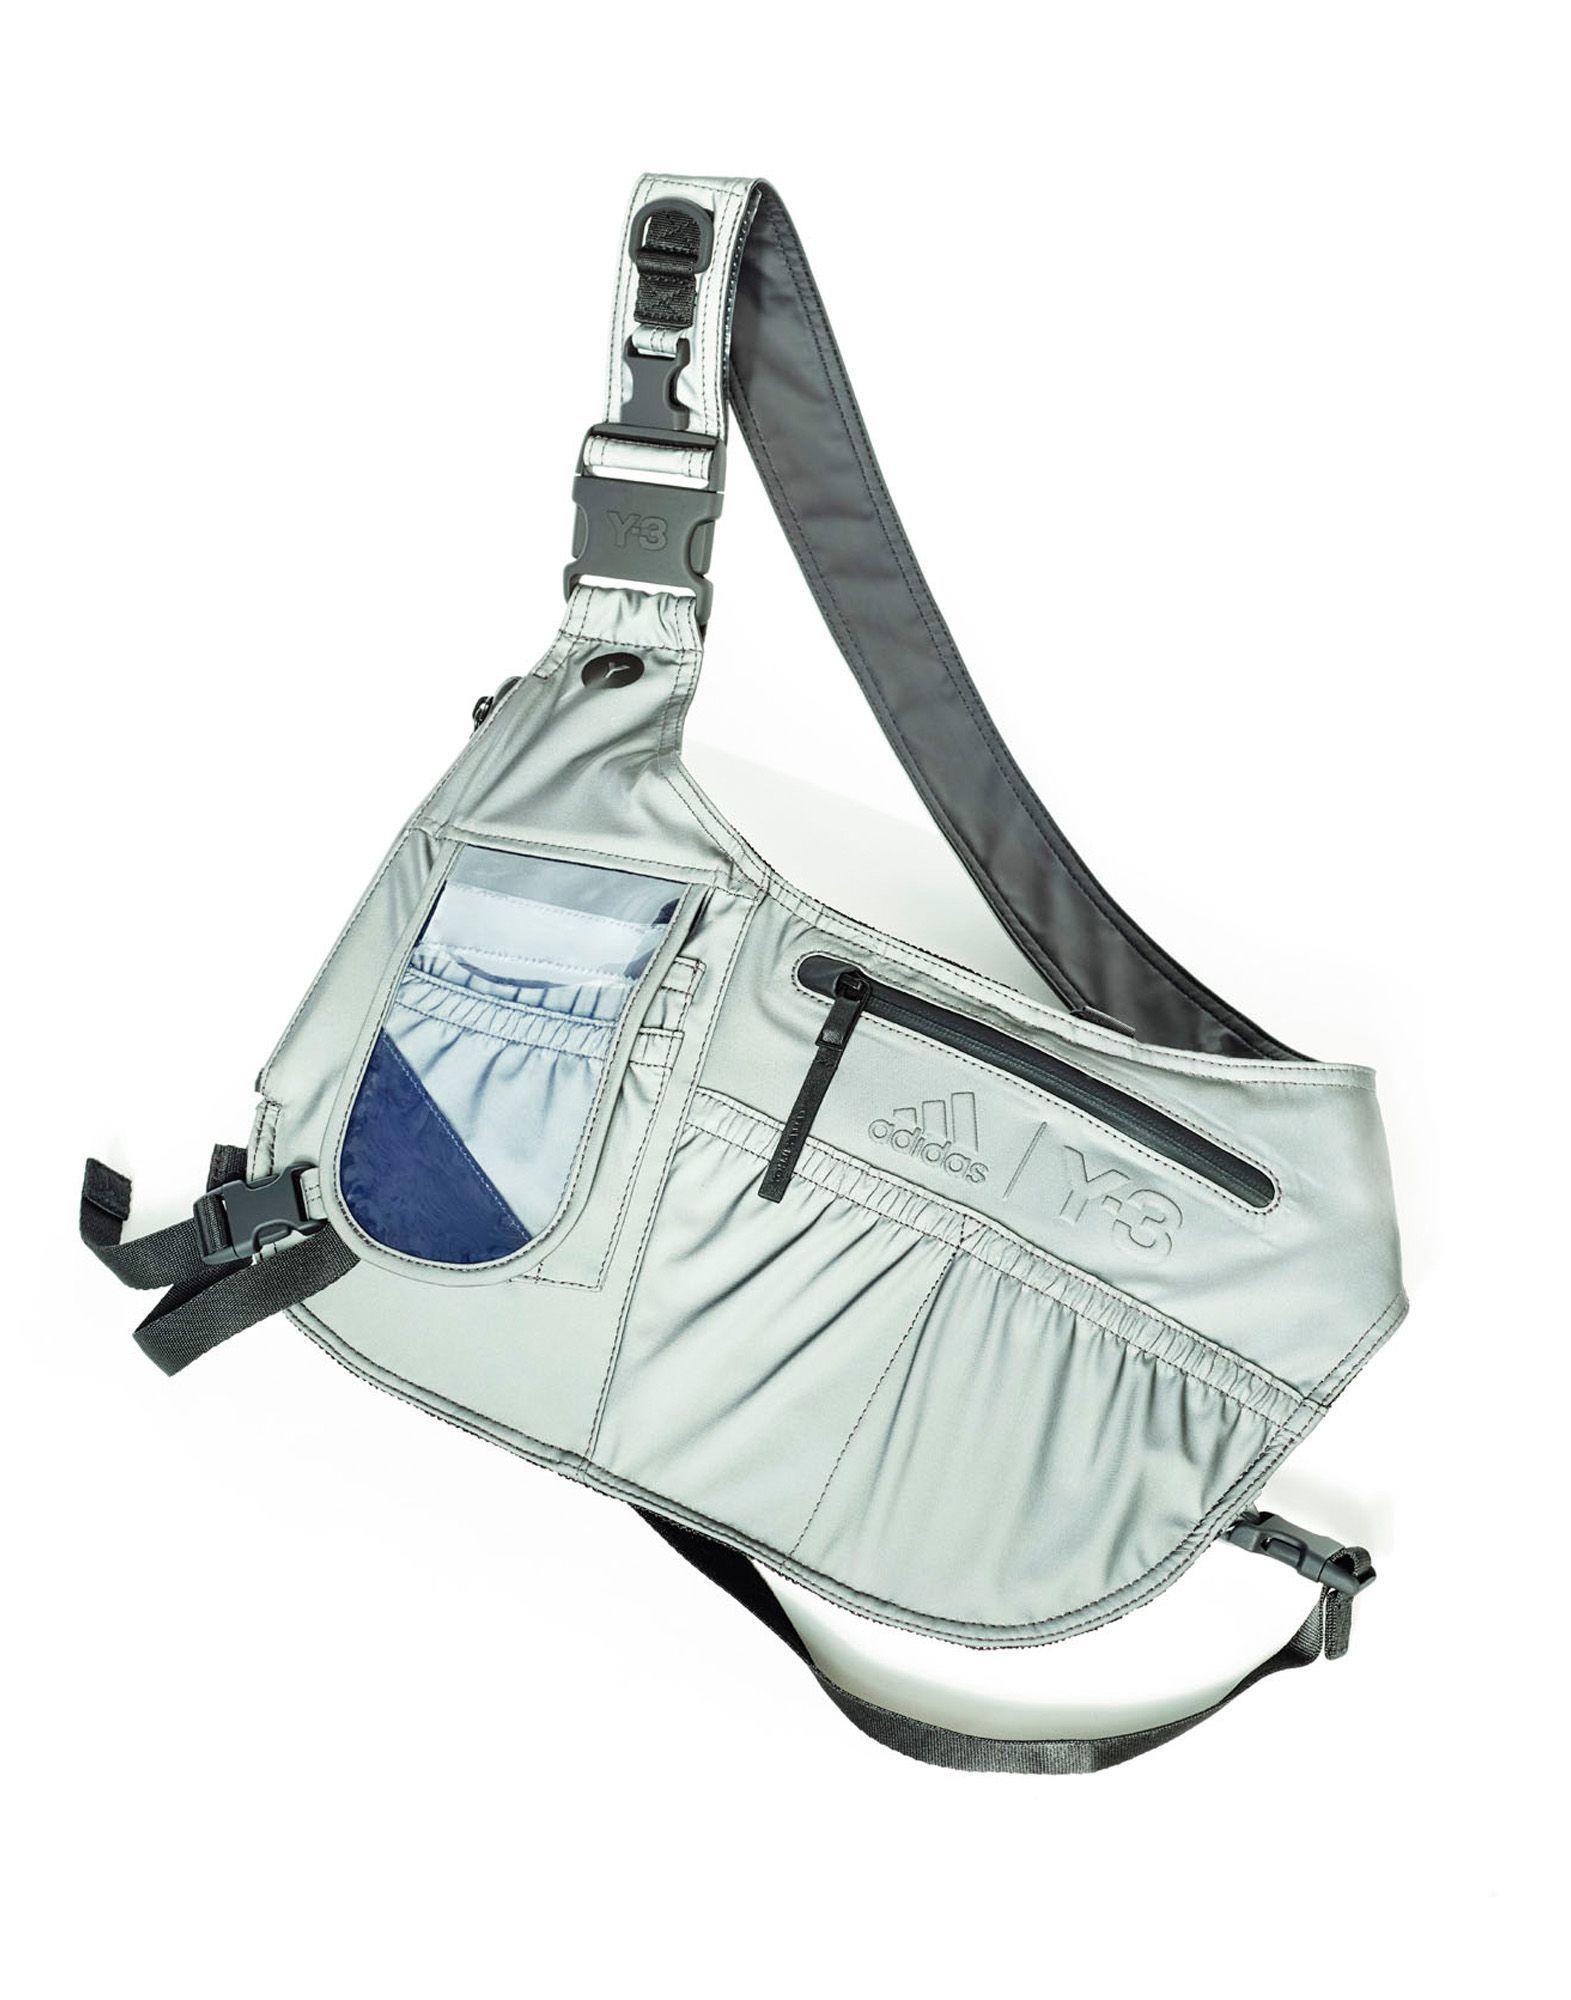 9d699a3c5e Y-3 SPORT CROSSBODY BAG BAGS unisex Y-3 adidas